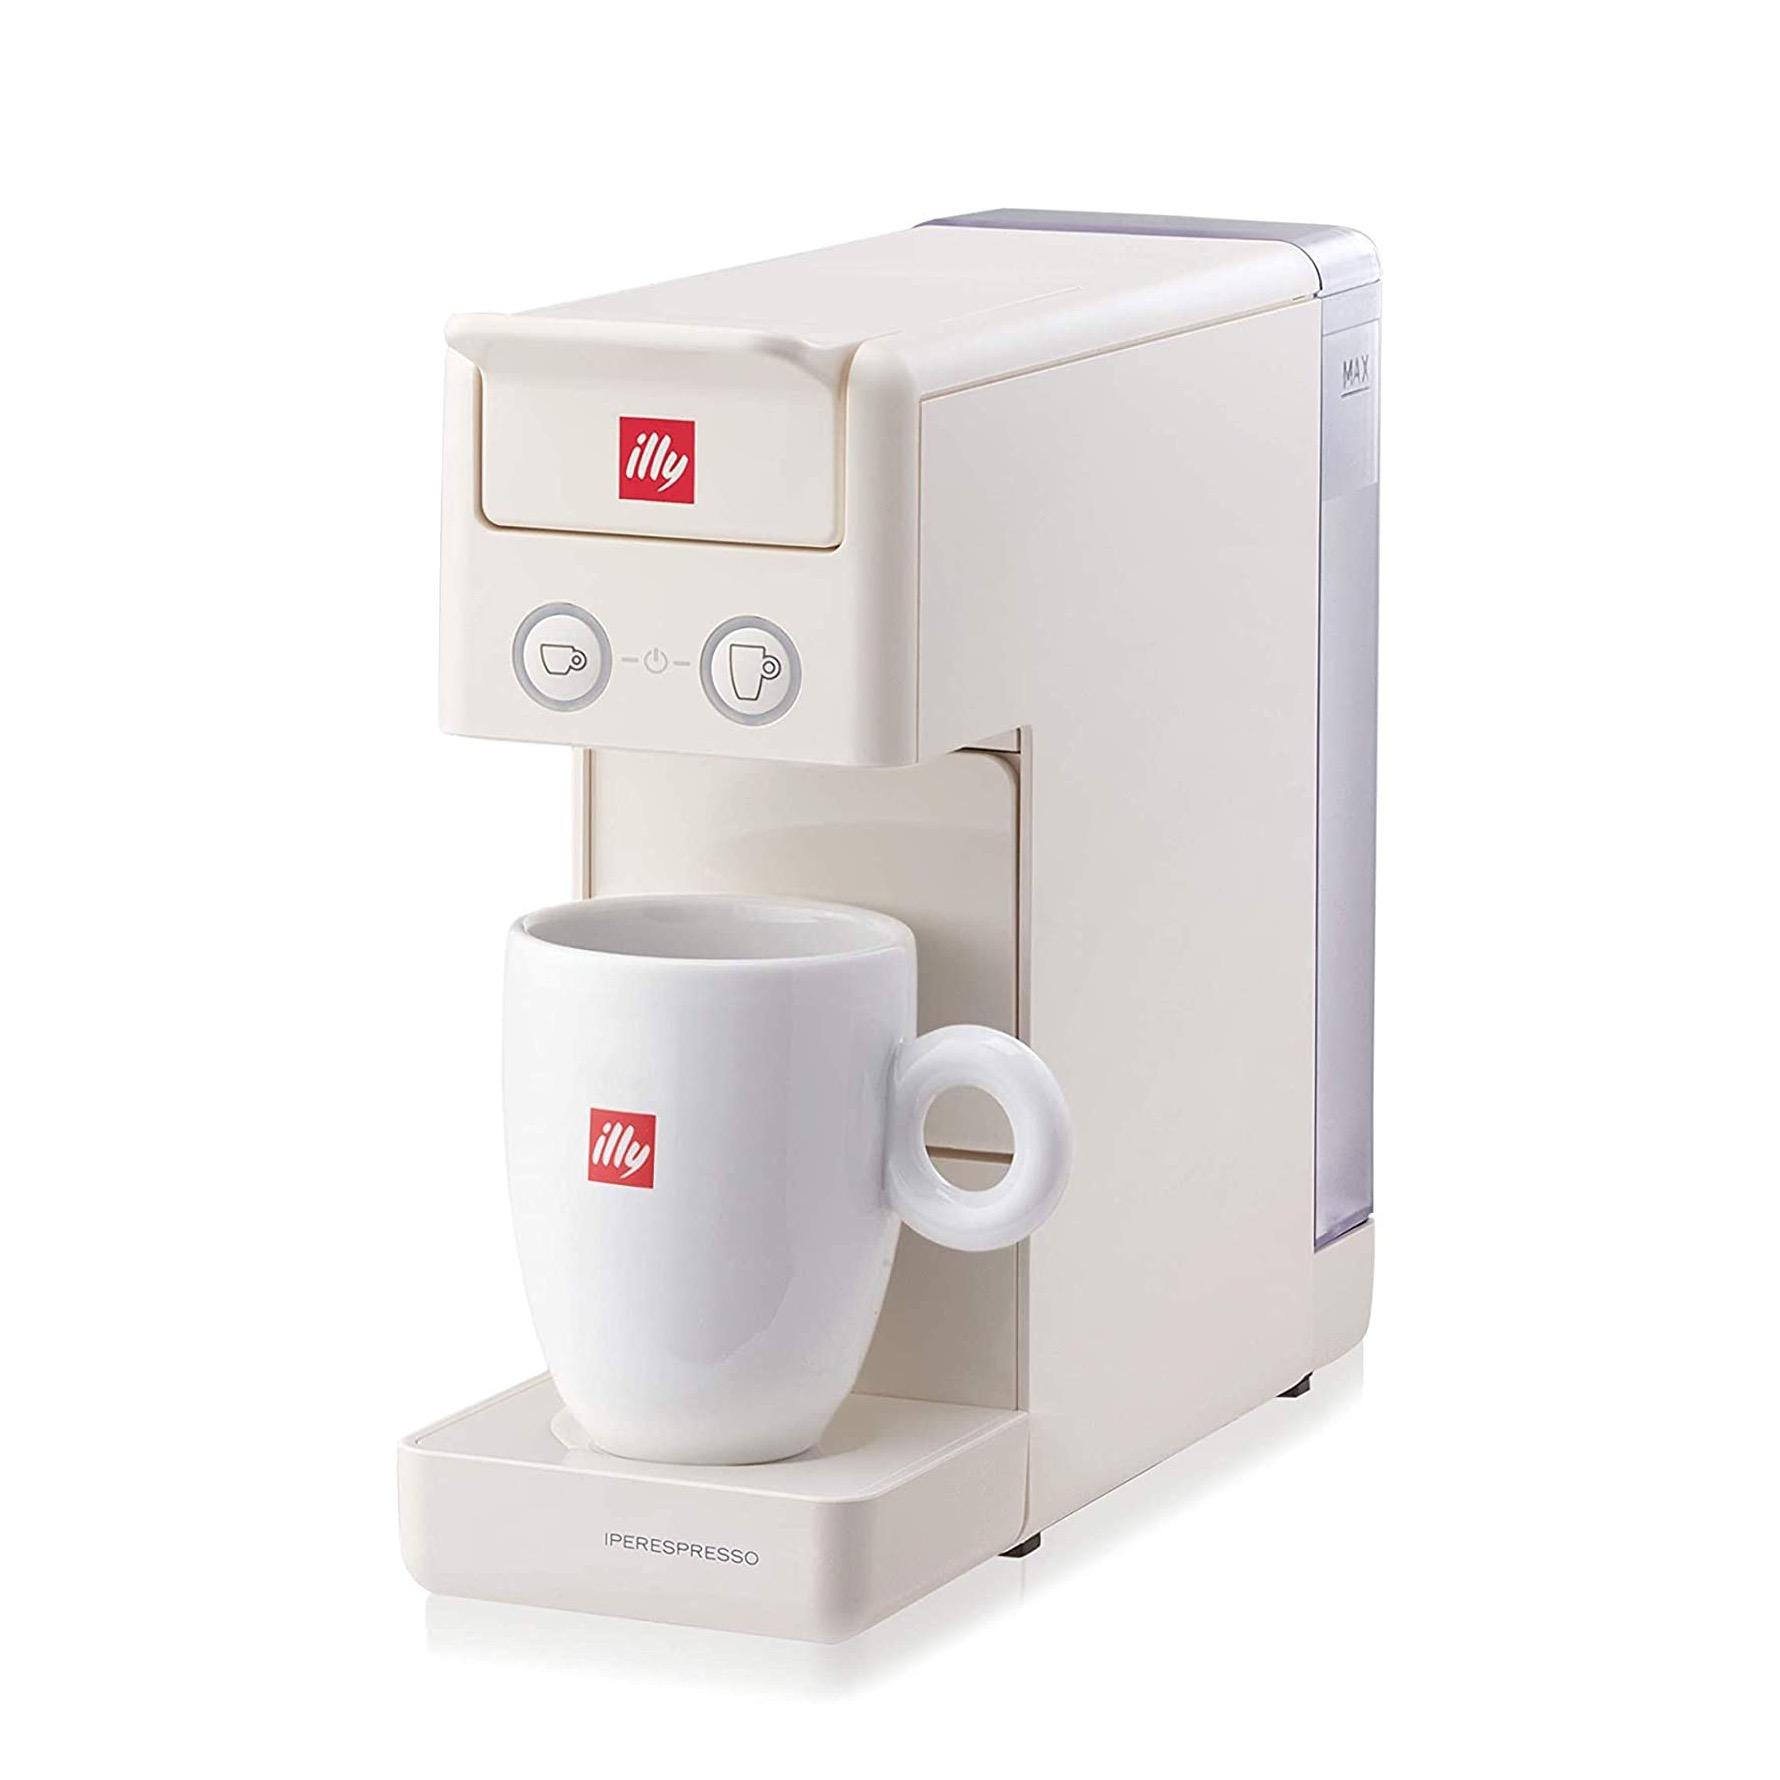 일리 Y3.3 캡슐 커피머신 화이트, 단일상품